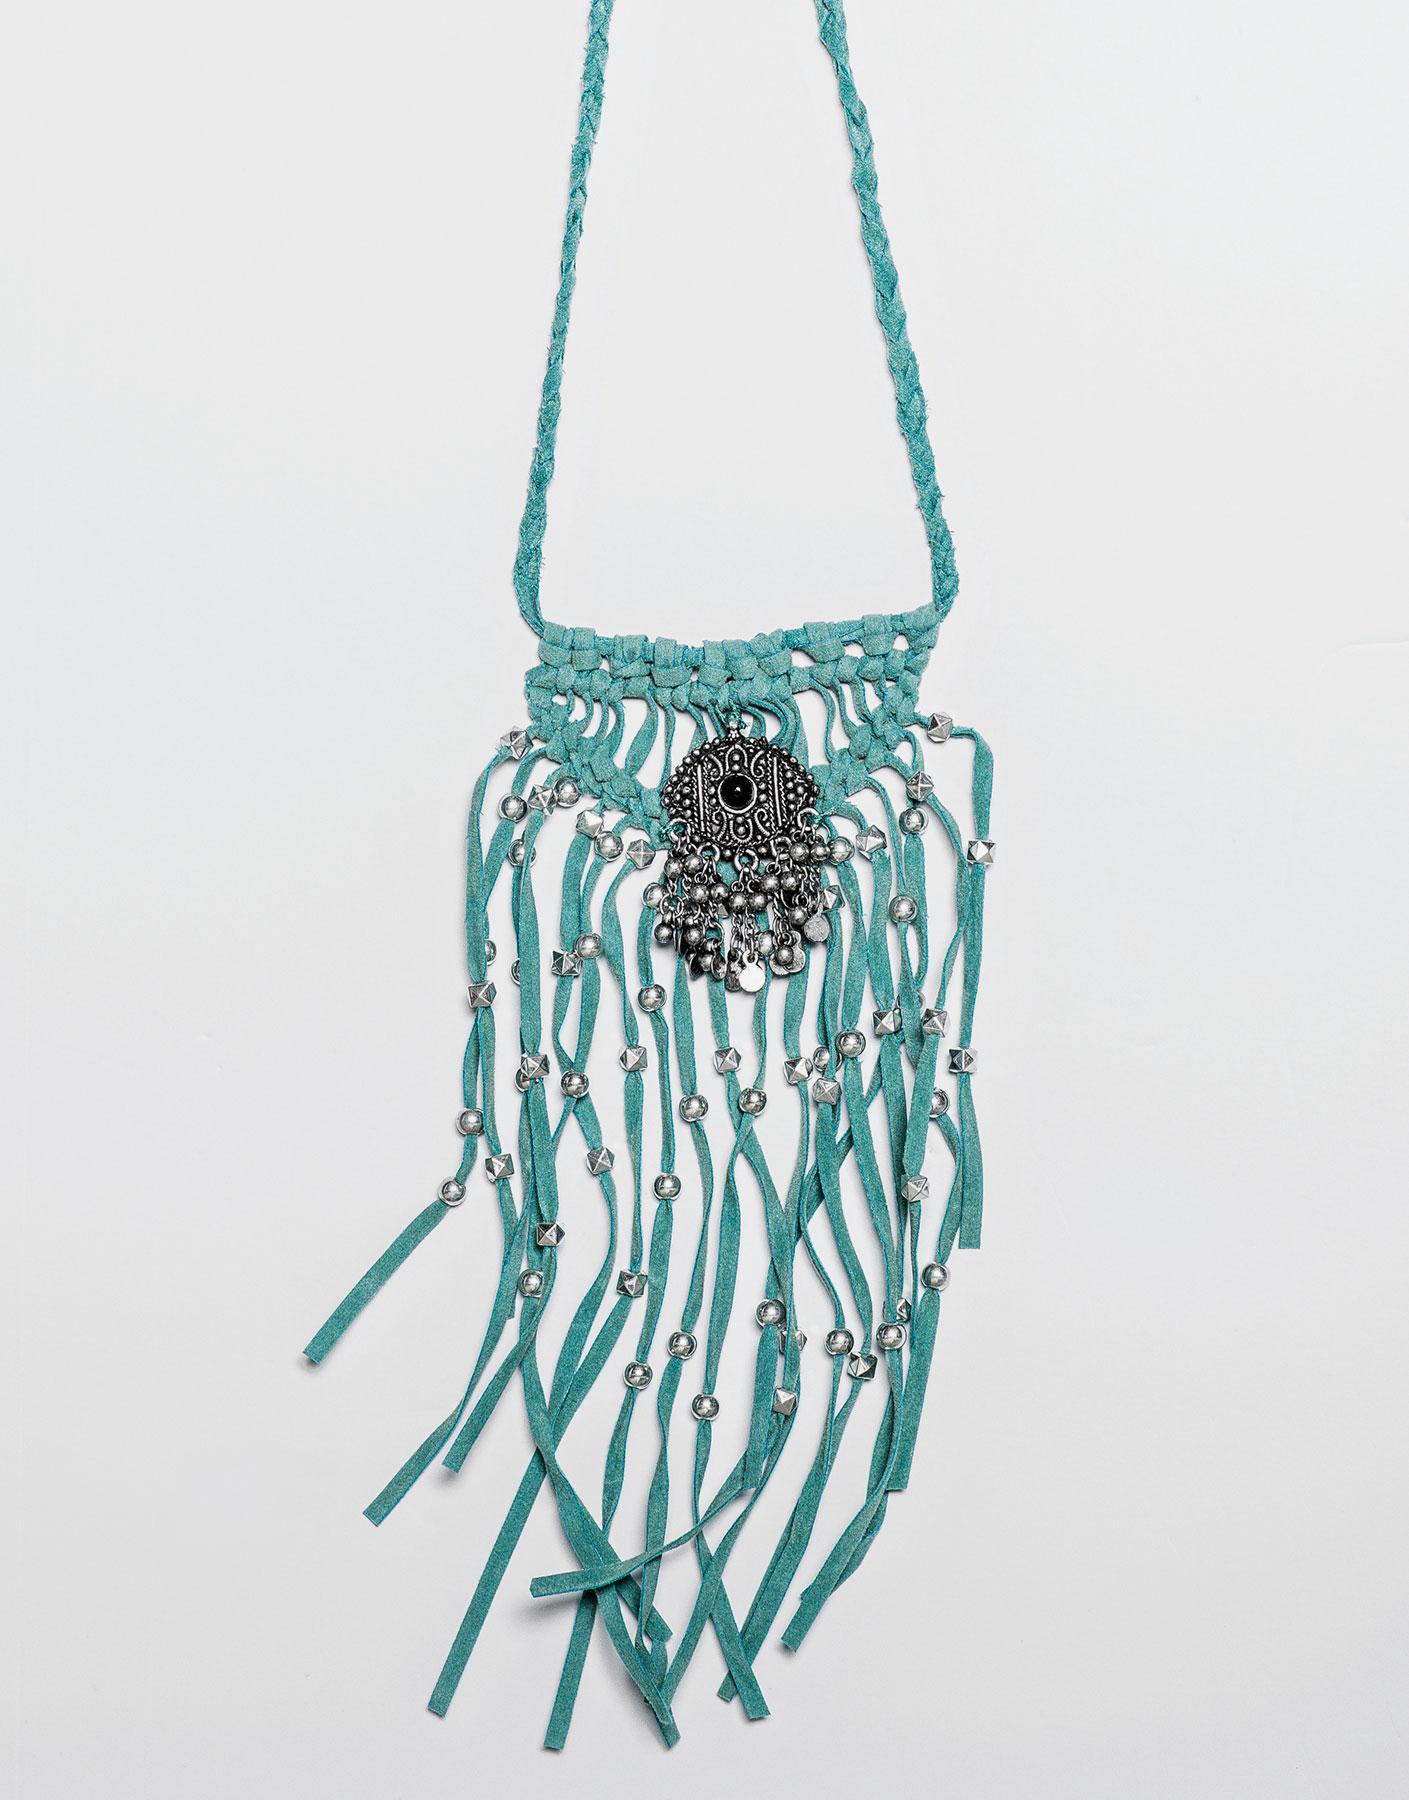 Turquoise fringe necklace